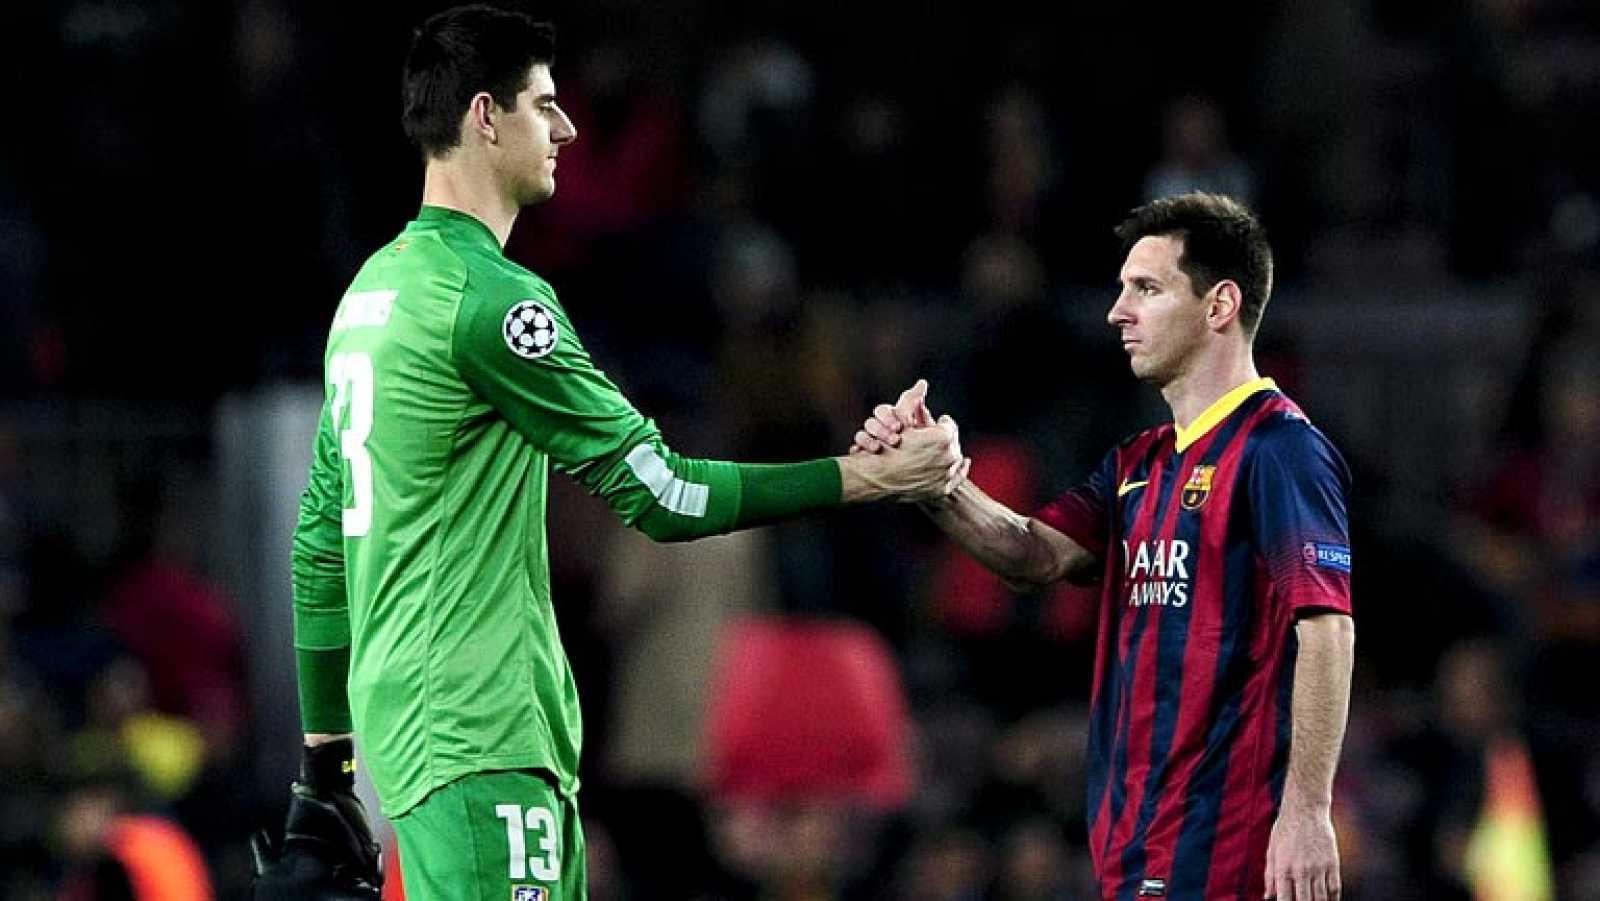 Es uno de los partidos más intensos e igualados que se puede presenciar ahora mismo en Europa. Un lujo para los futboleros, que en el mismo escenario y el mismo día pueden ver haciendo diabluras con un balón a Messi, Iniesta, Diego Costa, Neymar y co